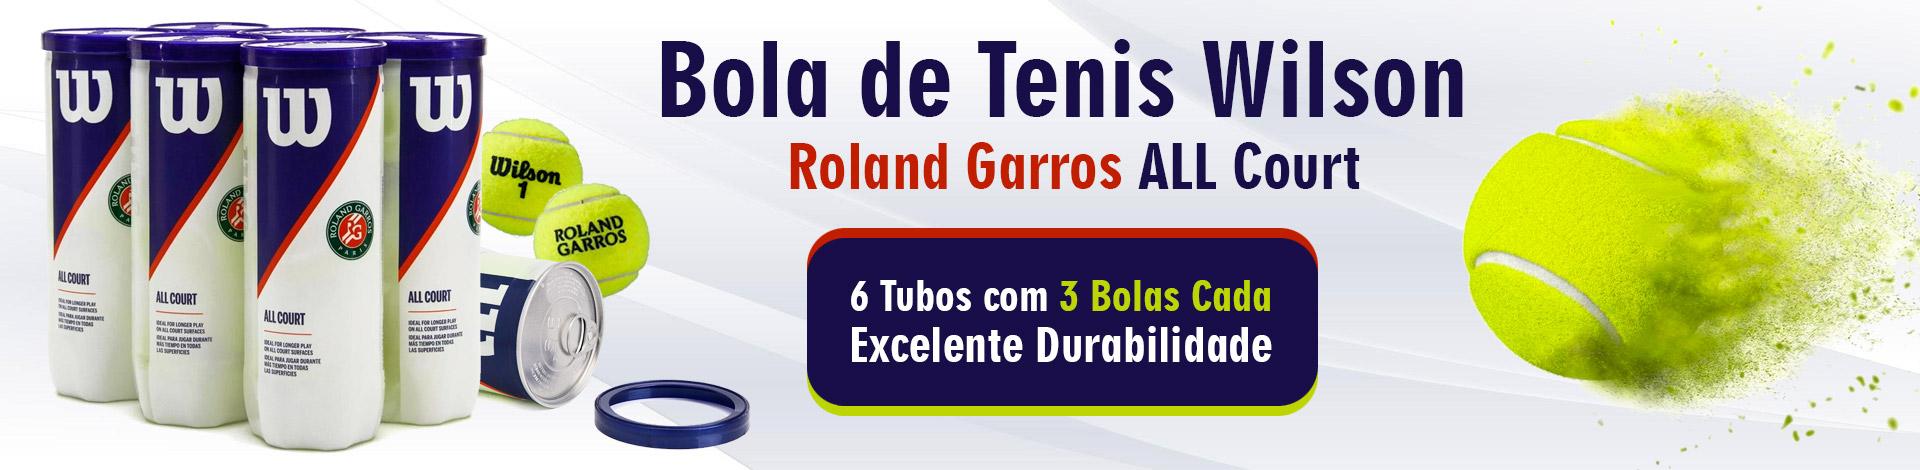 bolas de tenis com ótimos preços